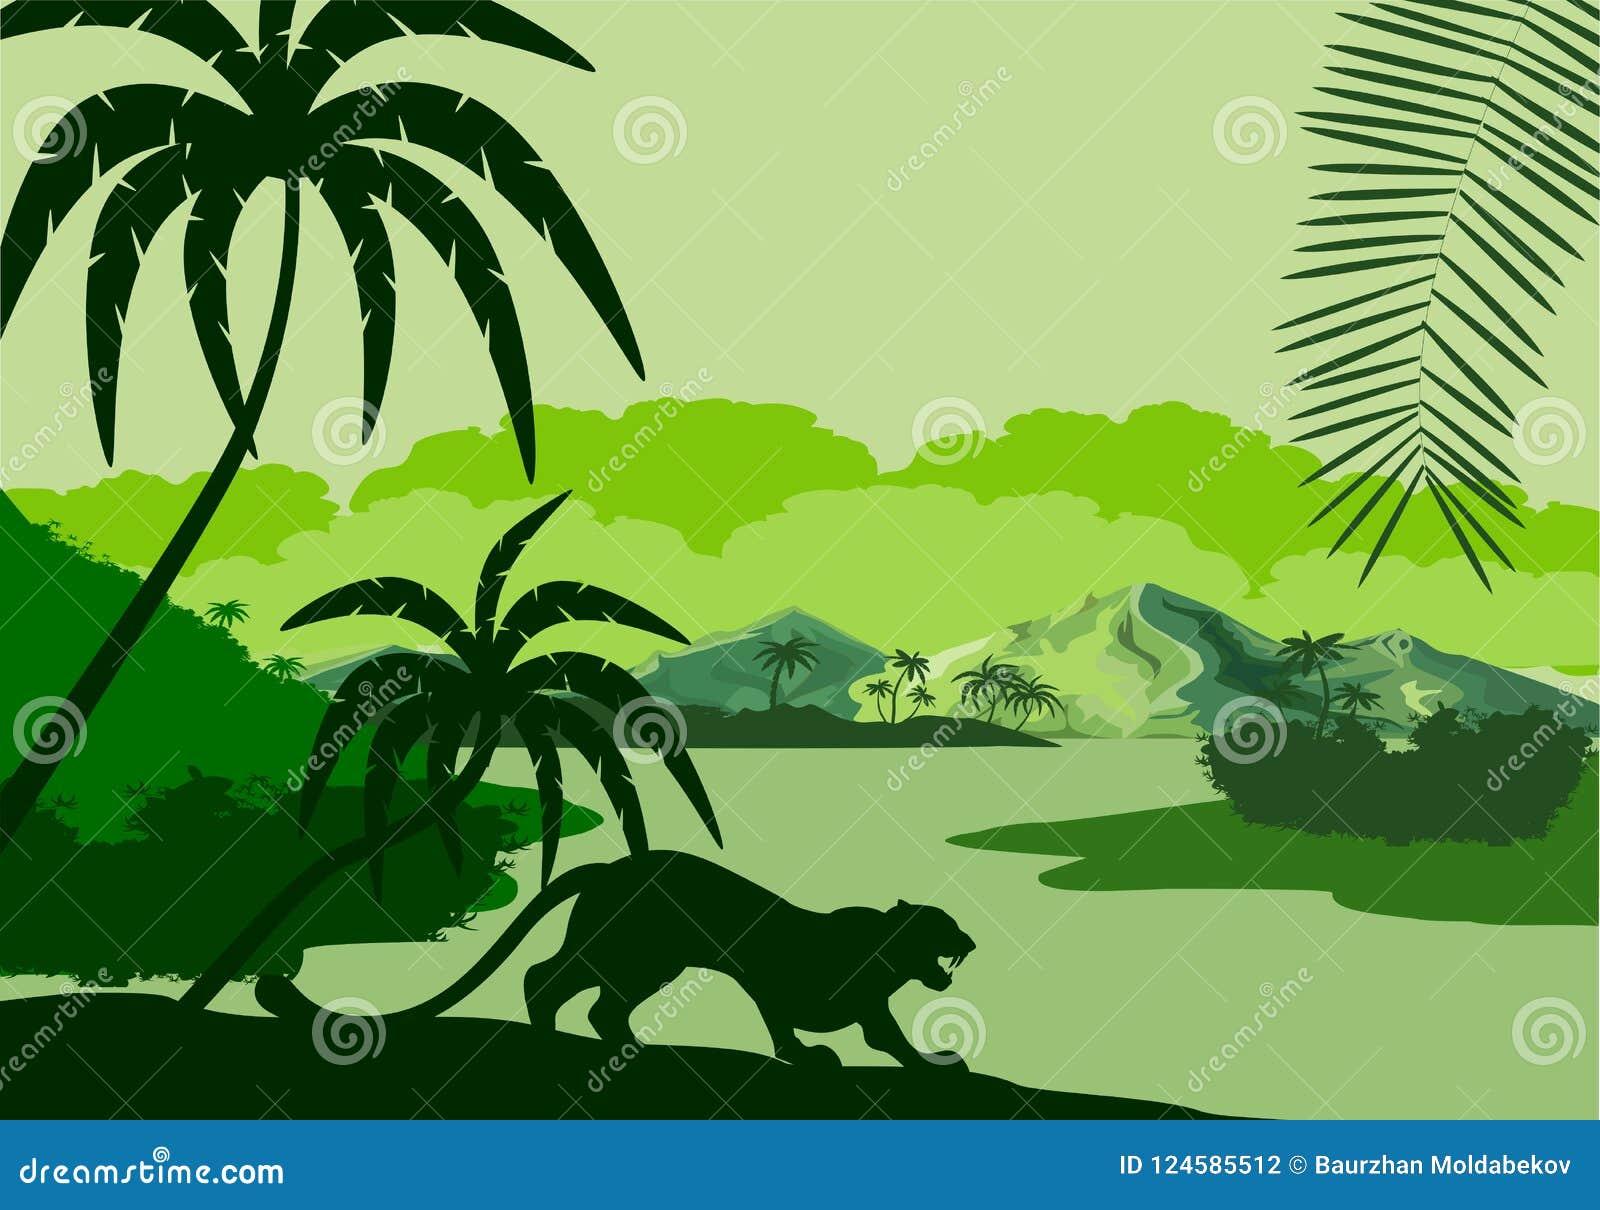 Vector a ilustração da silhueta do lago tropical com montanhas, árvores e silhuetas dos leopardos no pantanal da floresta úmida d